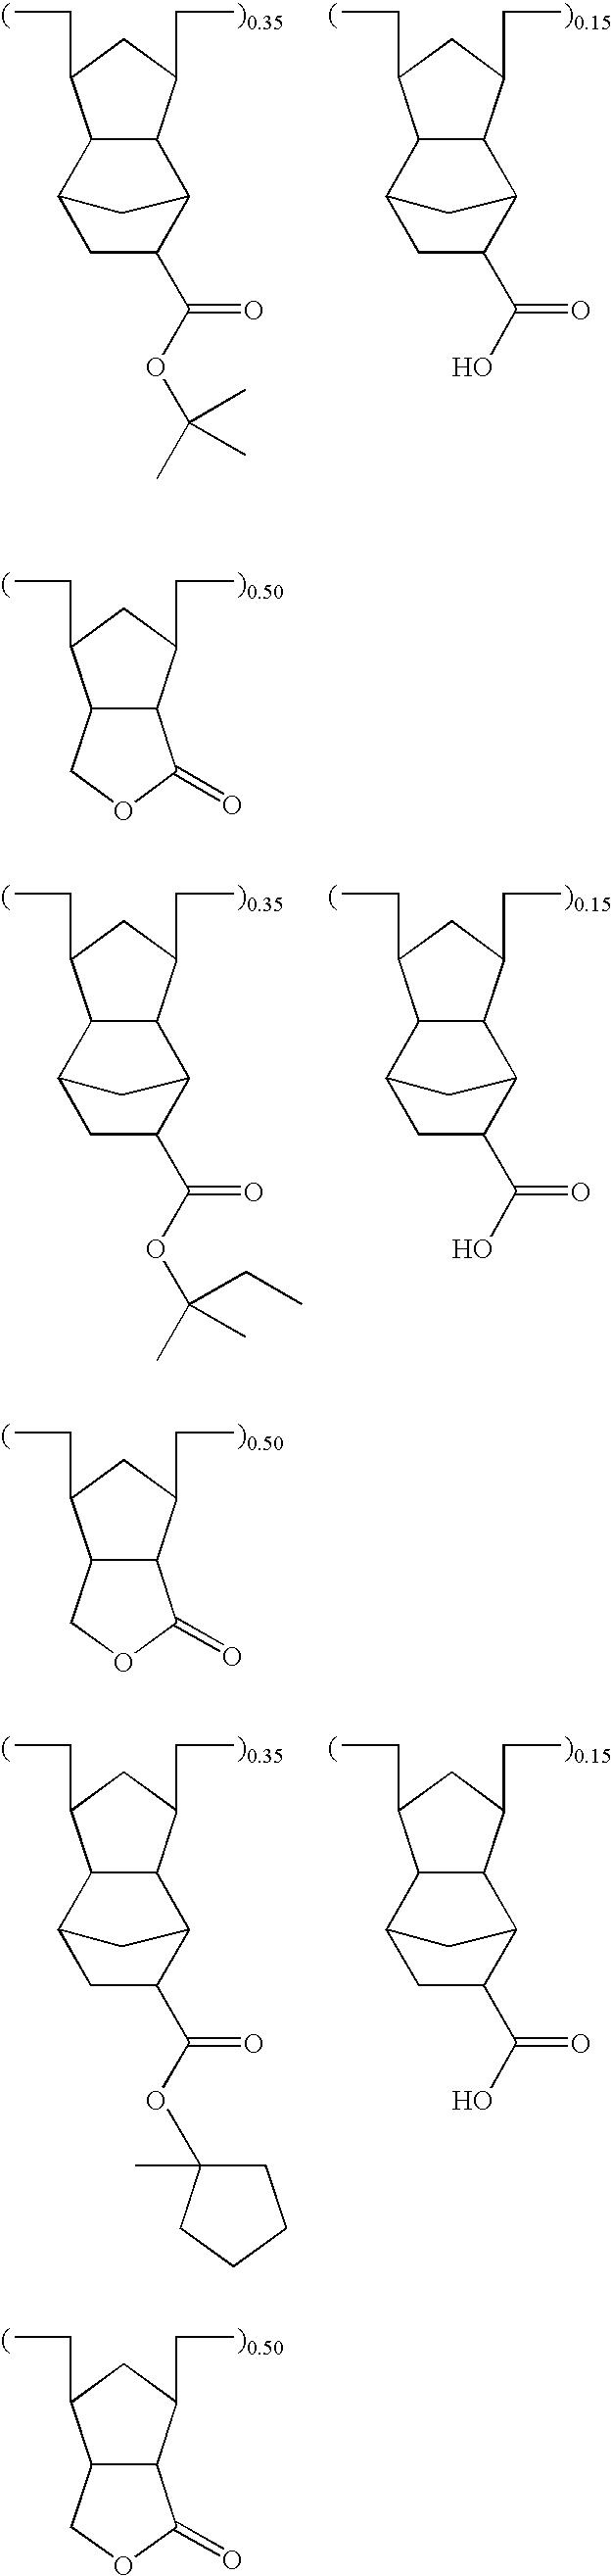 Figure US20090011365A1-20090108-C00071